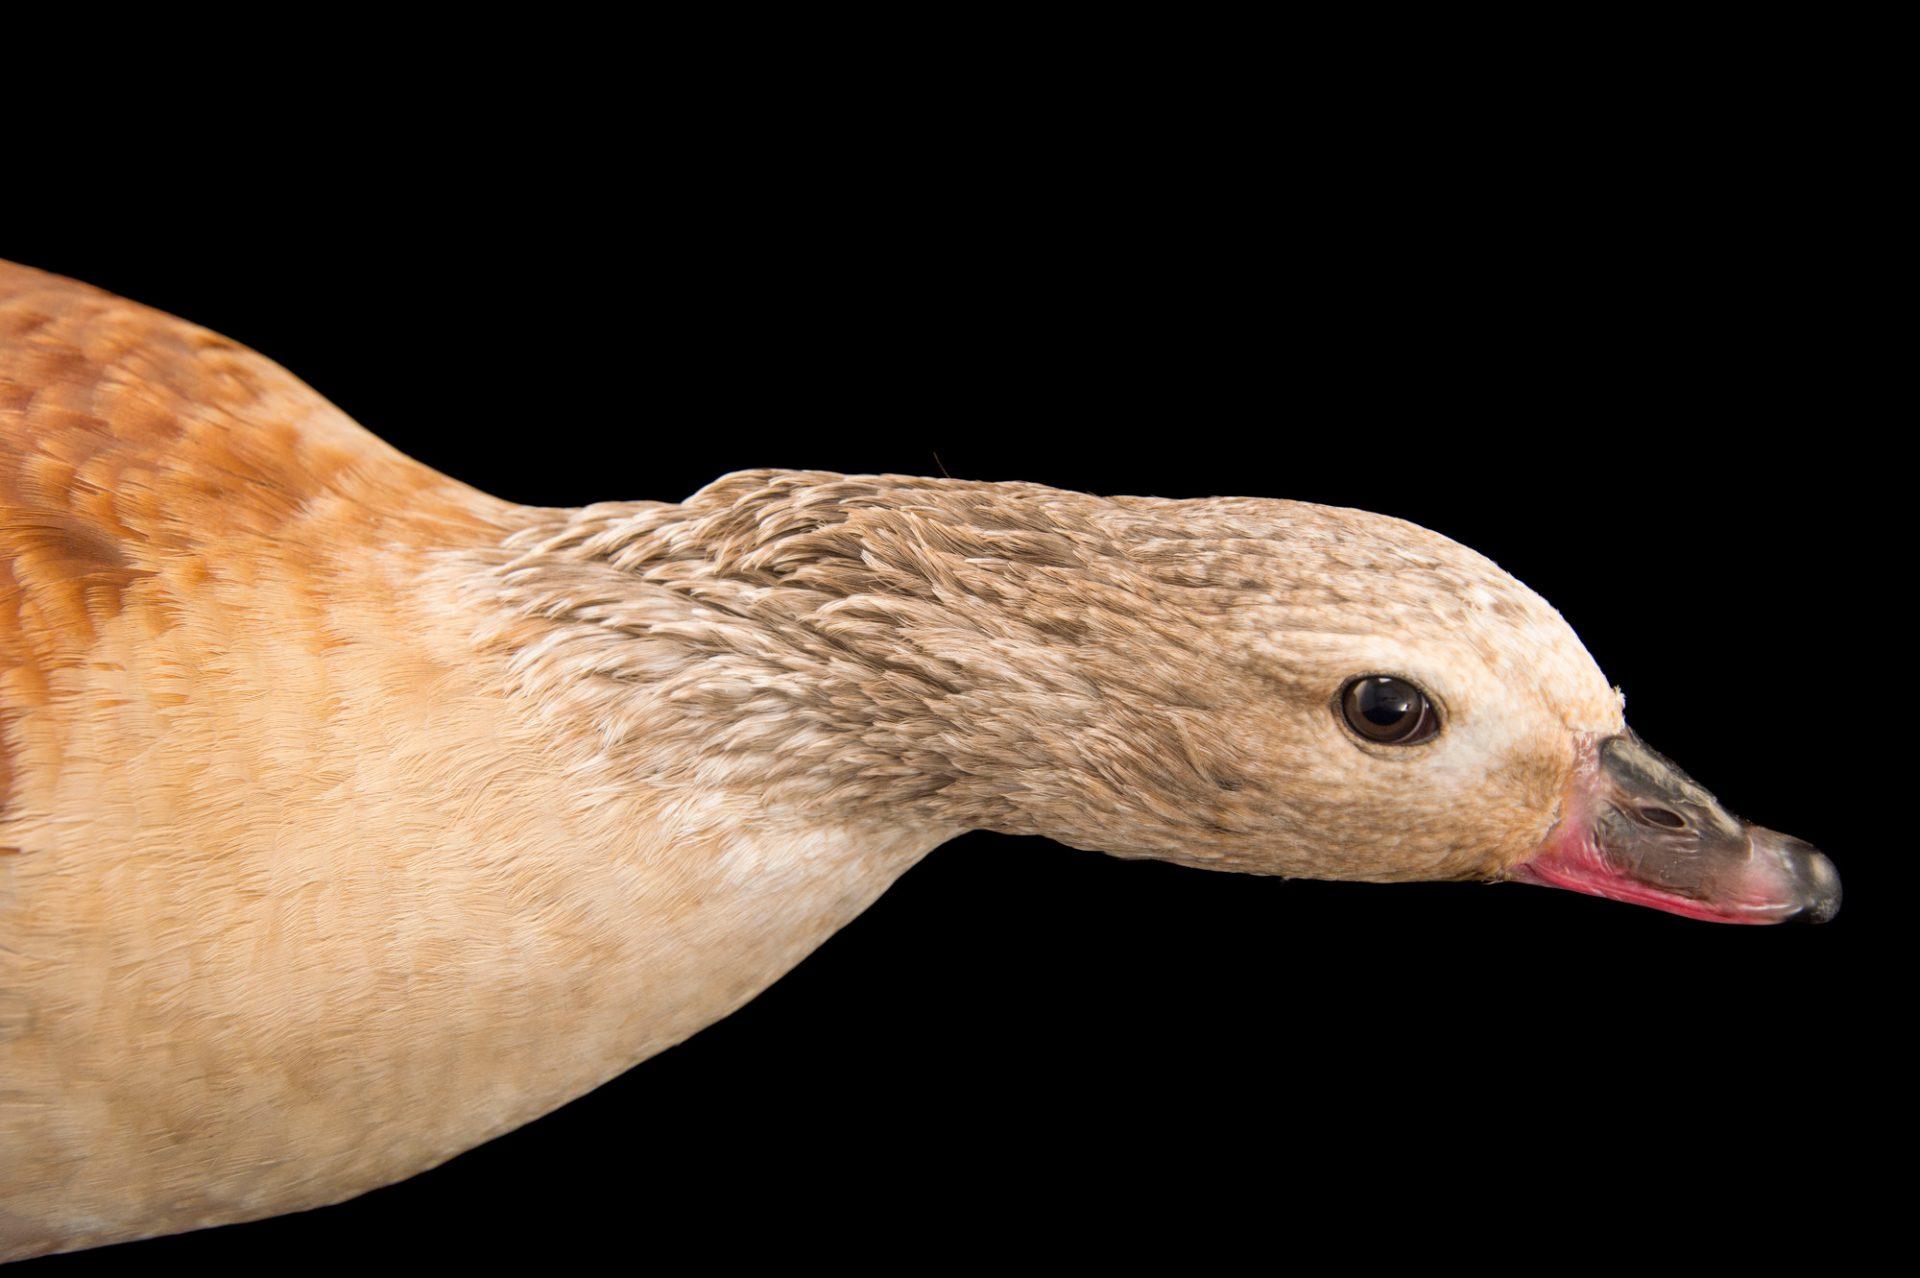 Picture of an Orinoco goose (Neochen jubata) at the Dallas World Aquarium.